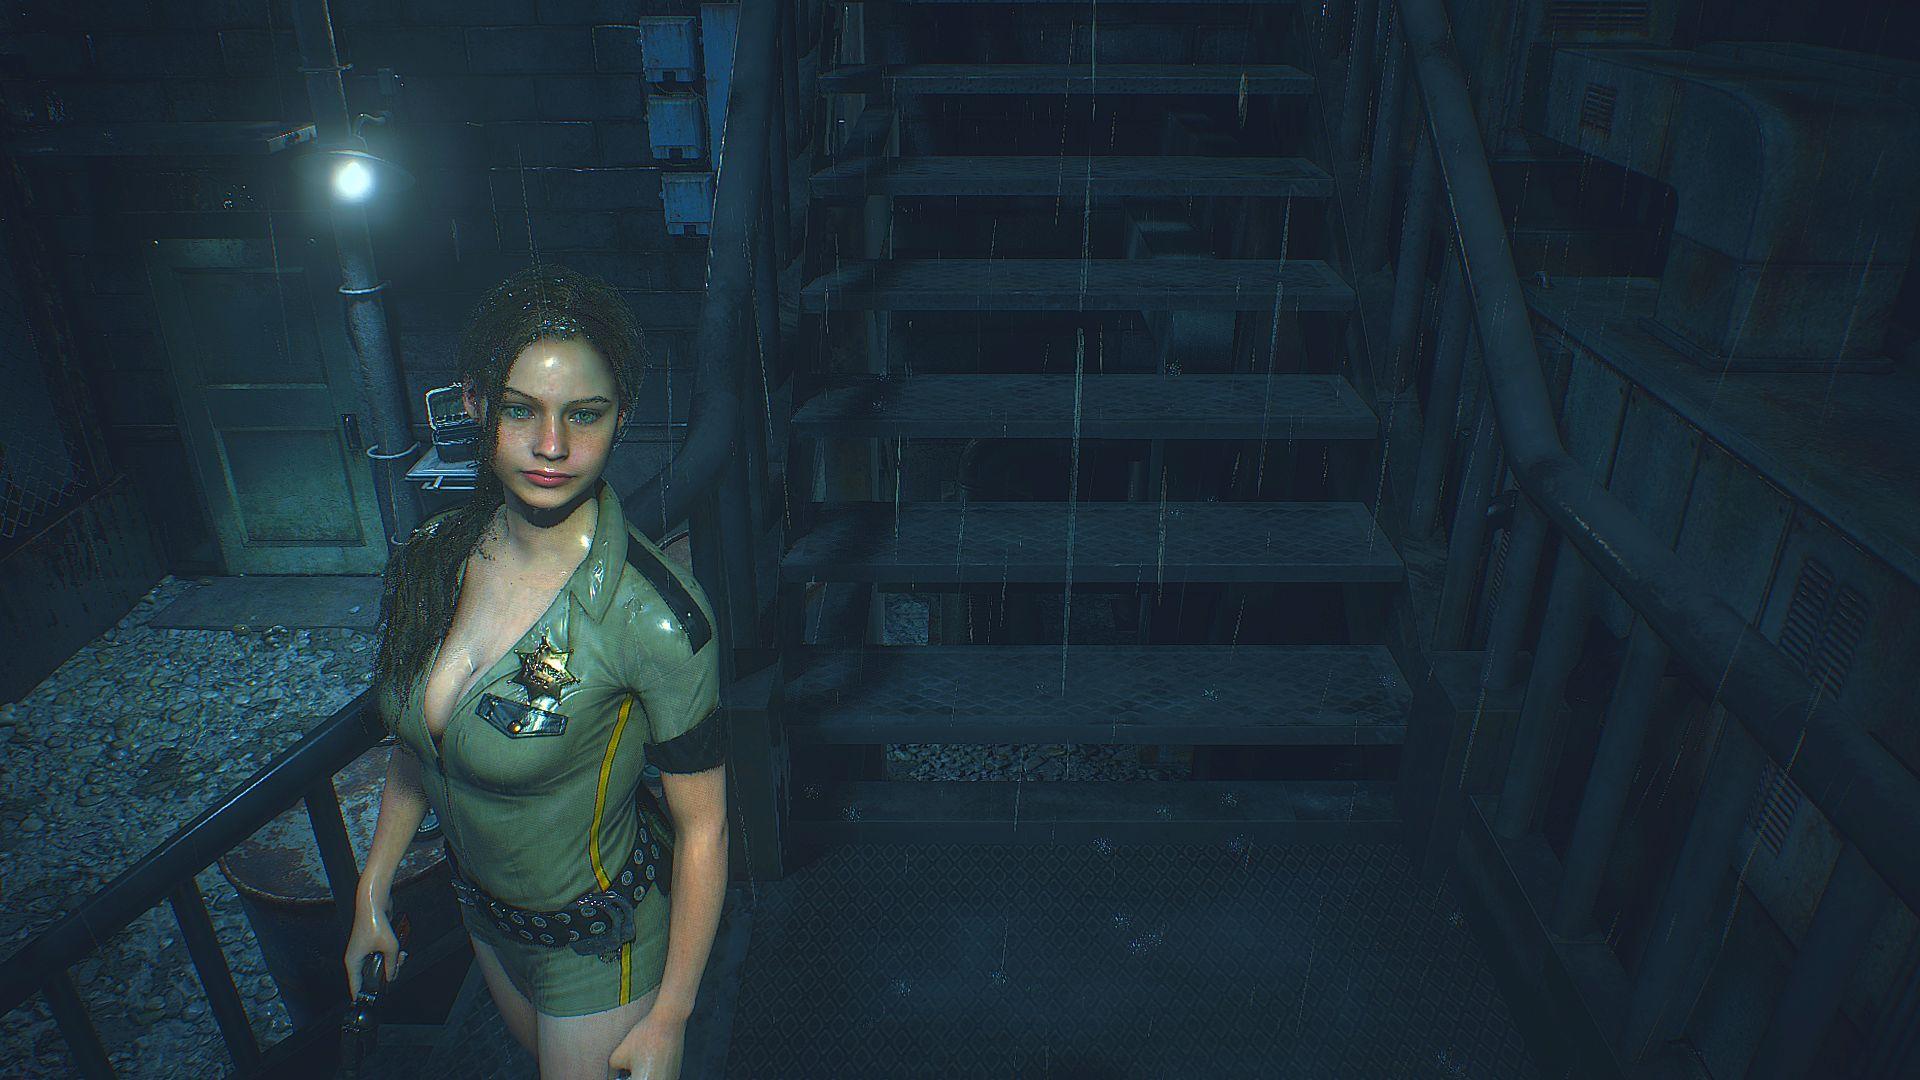 000770.Jpg - Resident Evil 2